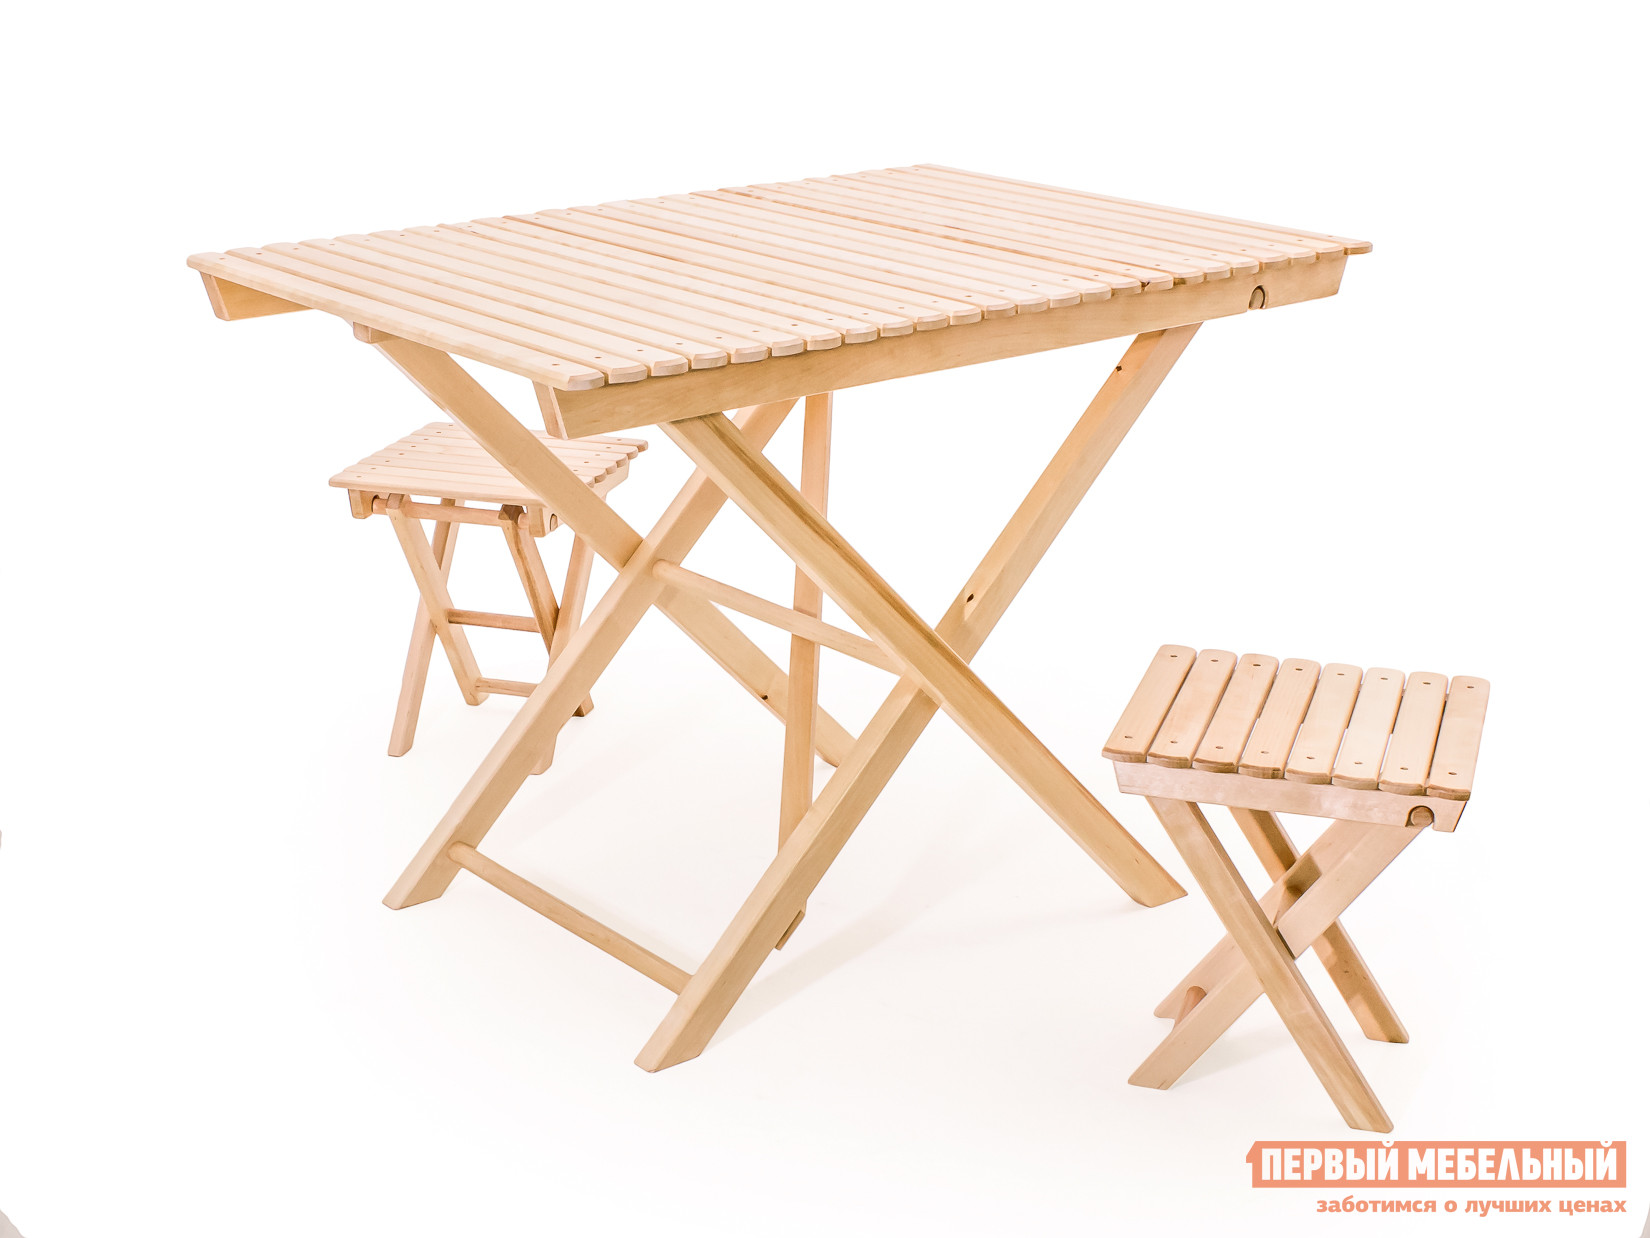 Комплект садовой мебели СМКА СМ004Б+СМ018Б 2 шт Береза от Купистол